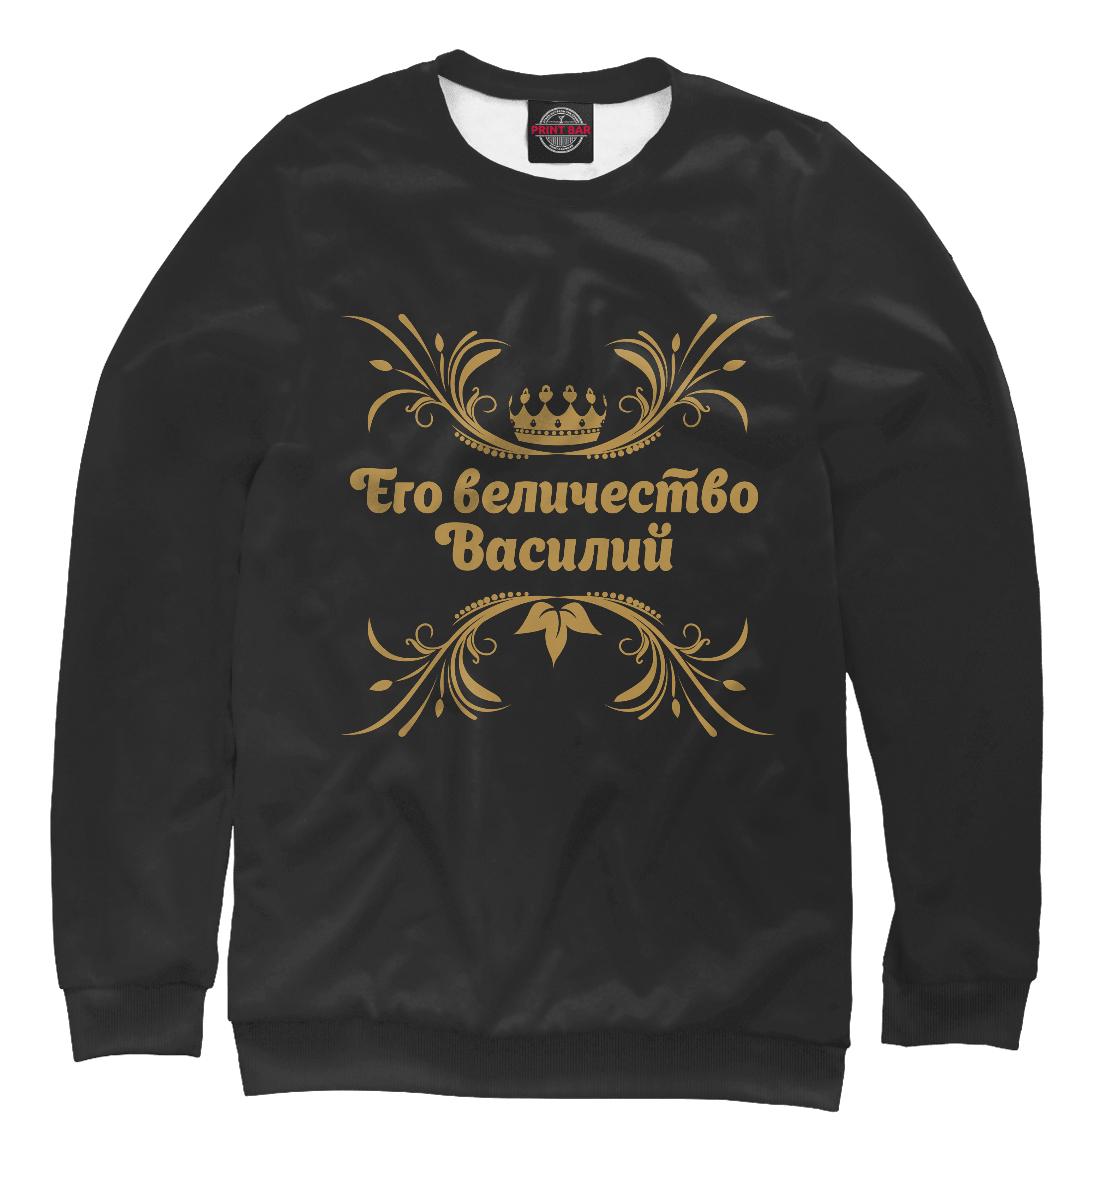 Купить Его величество Василий, Printbar, Свитшоты, IMR-227496-swi